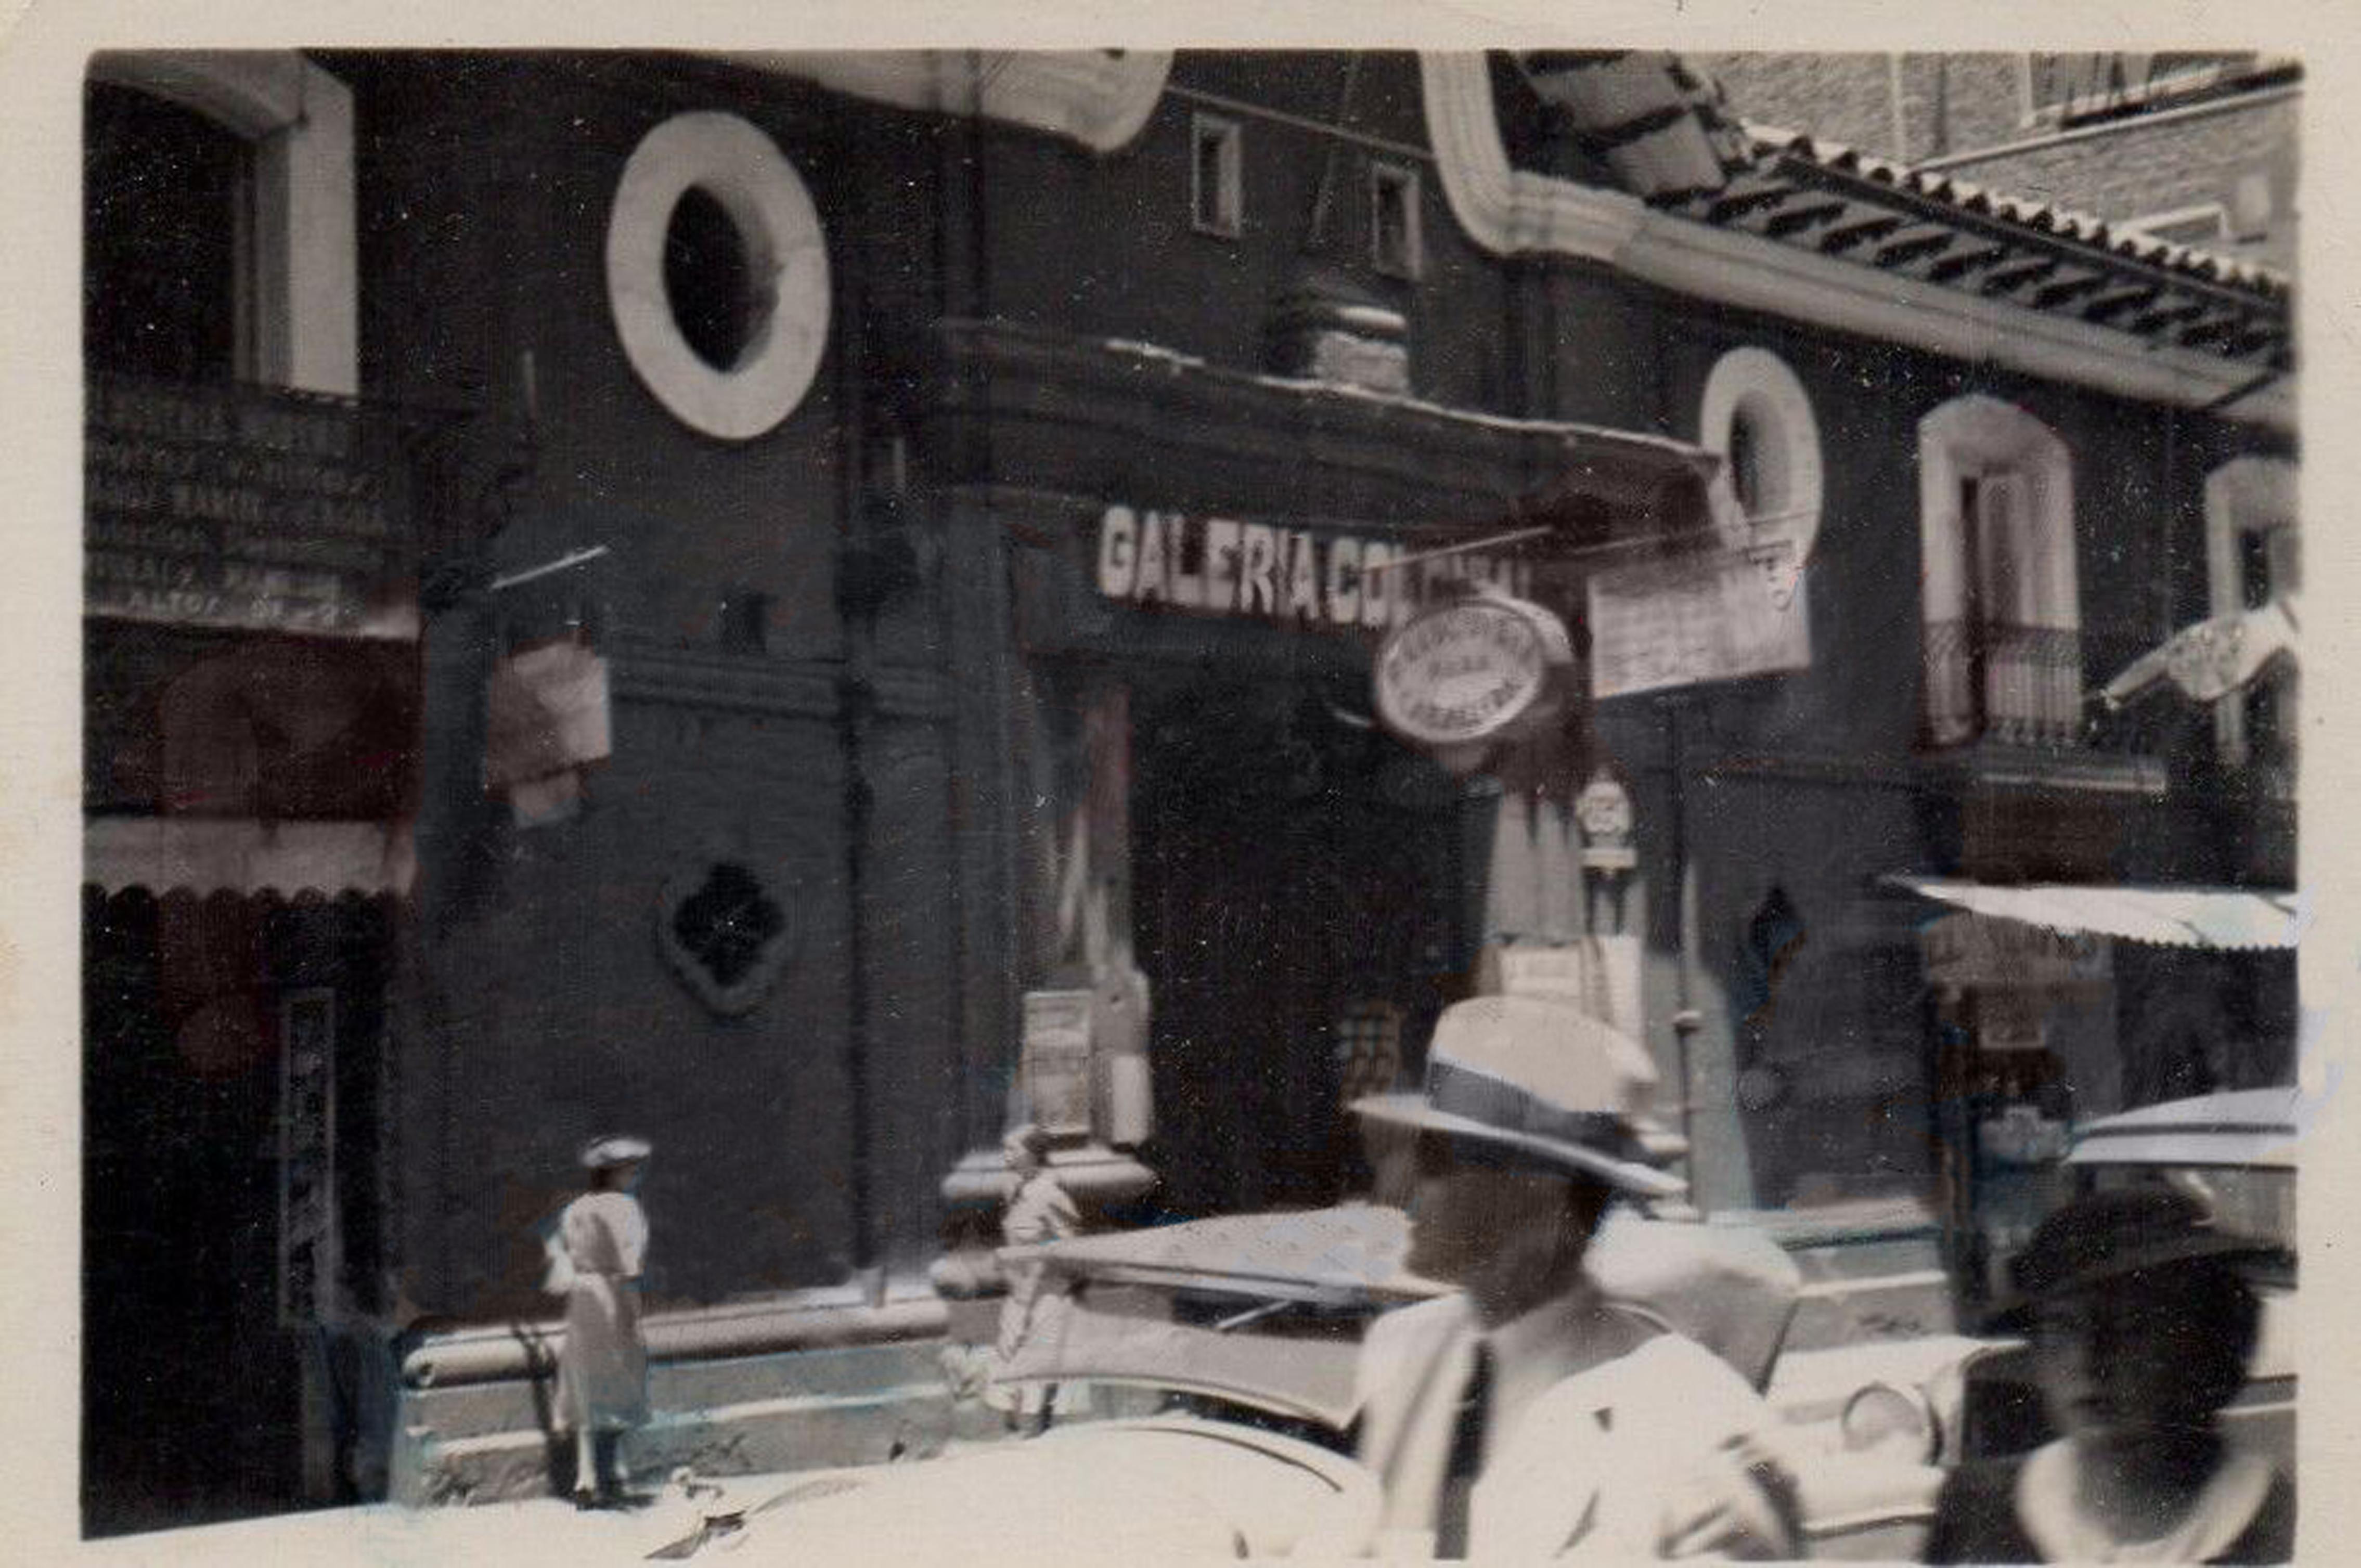 Enterreno - Fotos históricas de chile - fotos antiguas de Chile - Casa Colorada de Santiago, 1937